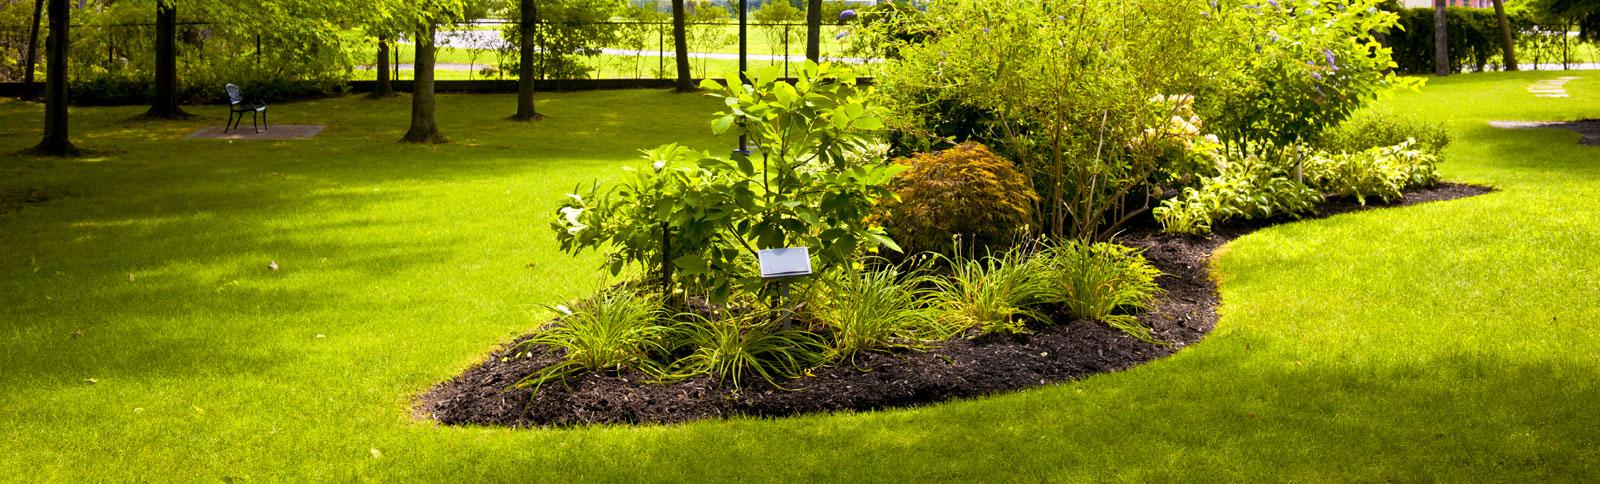 bepflanzung und pflege gr nbau erfurt garten und landschaftsbau denis wei. Black Bedroom Furniture Sets. Home Design Ideas